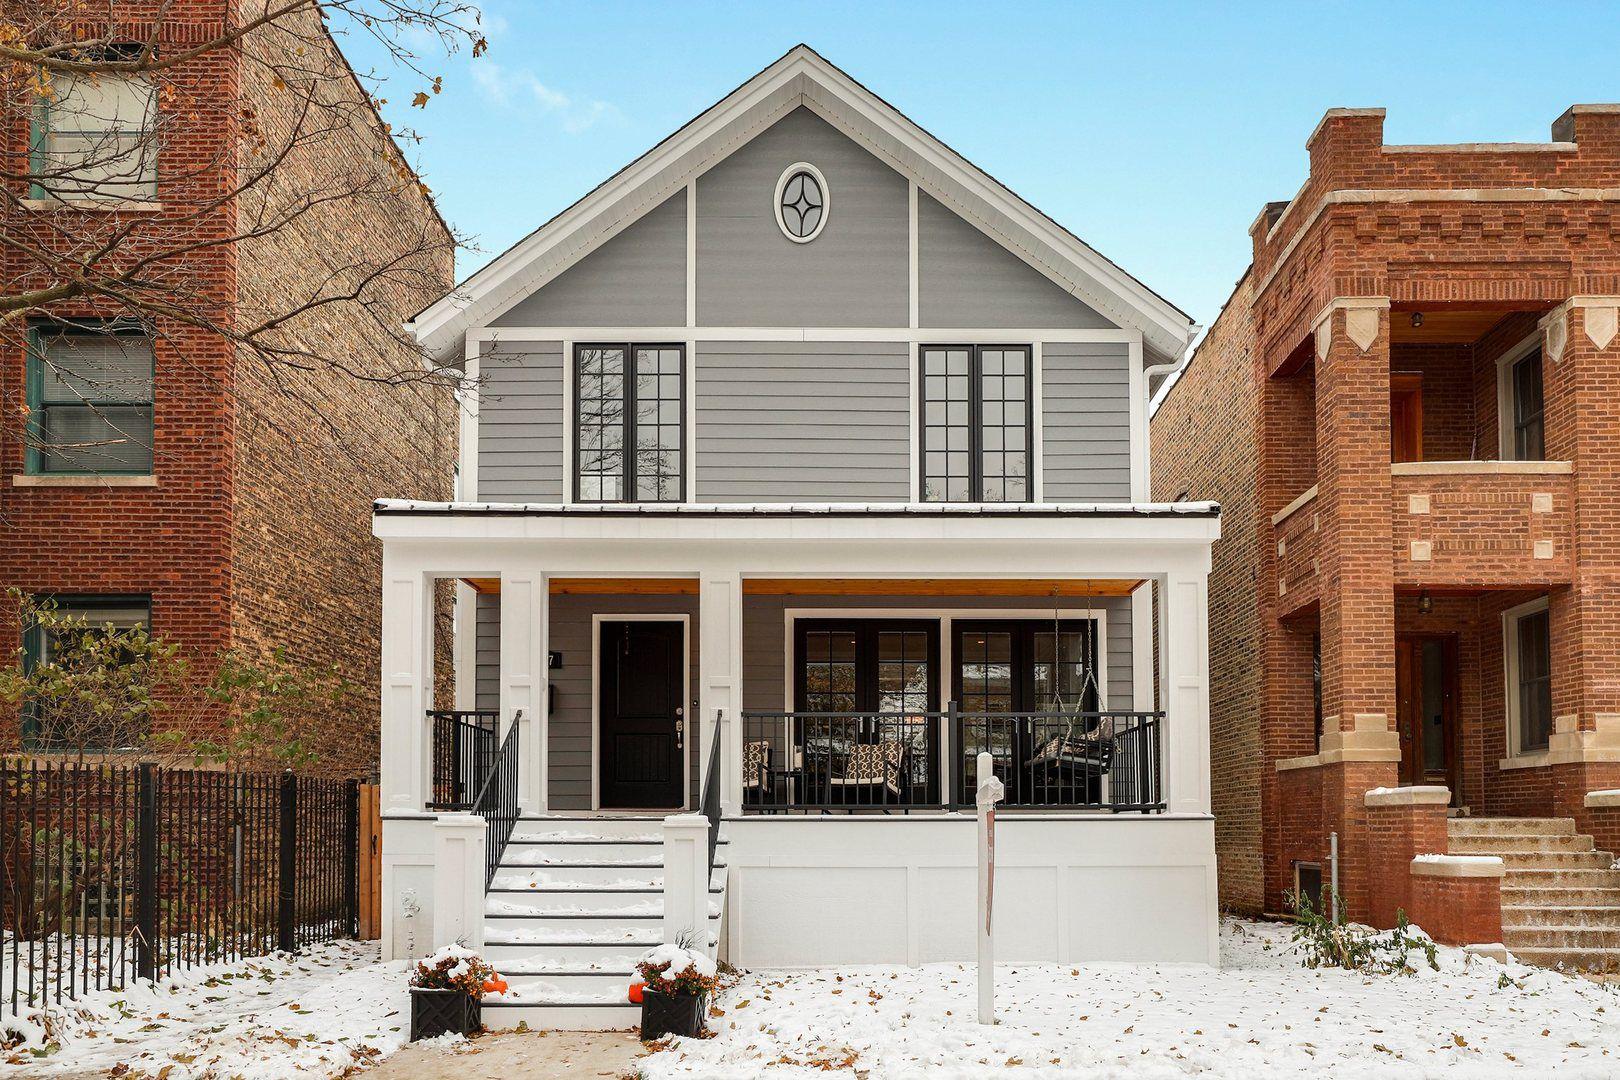 4517 N Whipple Street